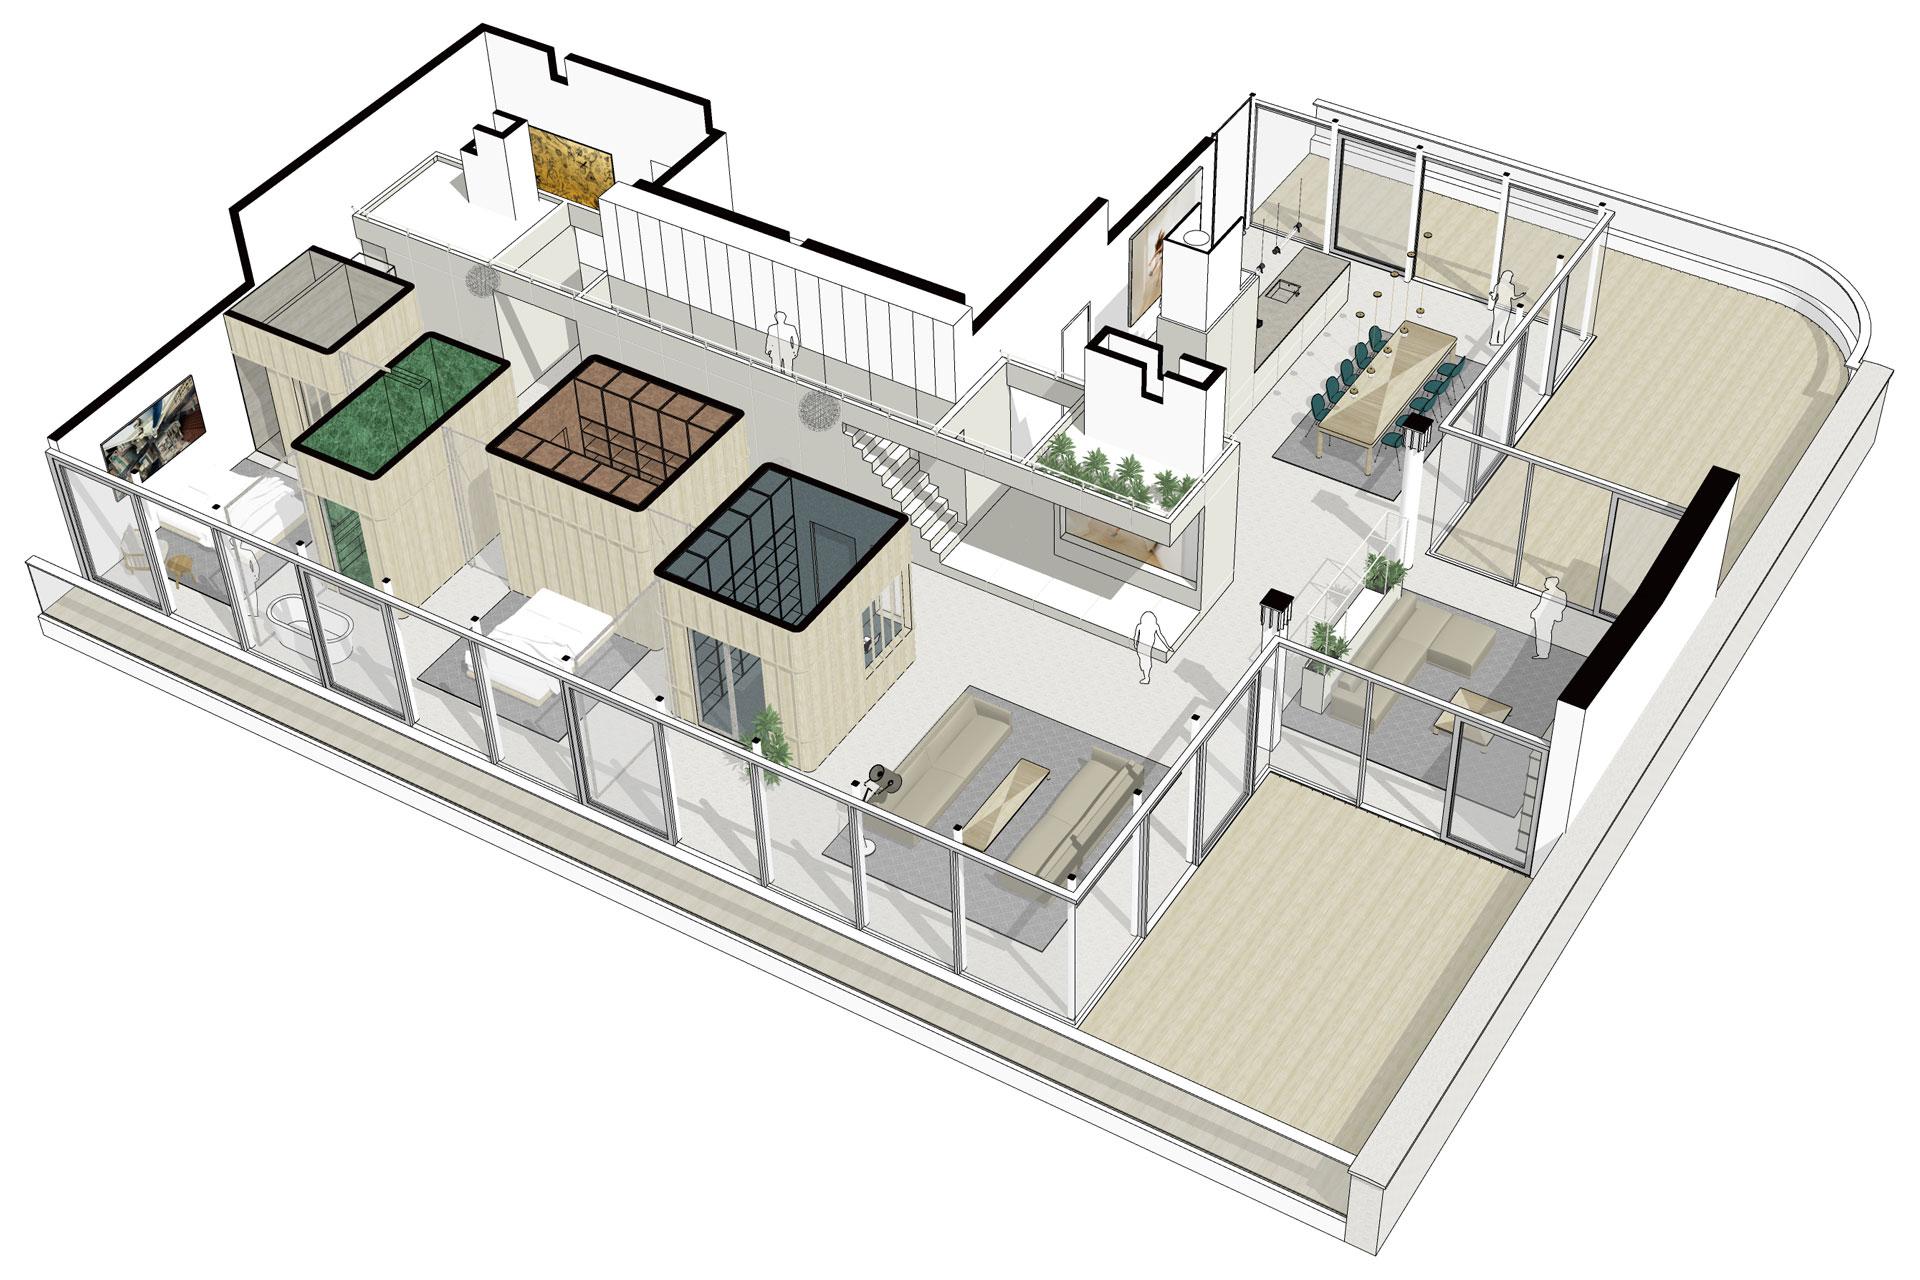 Bureau-Fraai_Penthouse-Oostduin_01